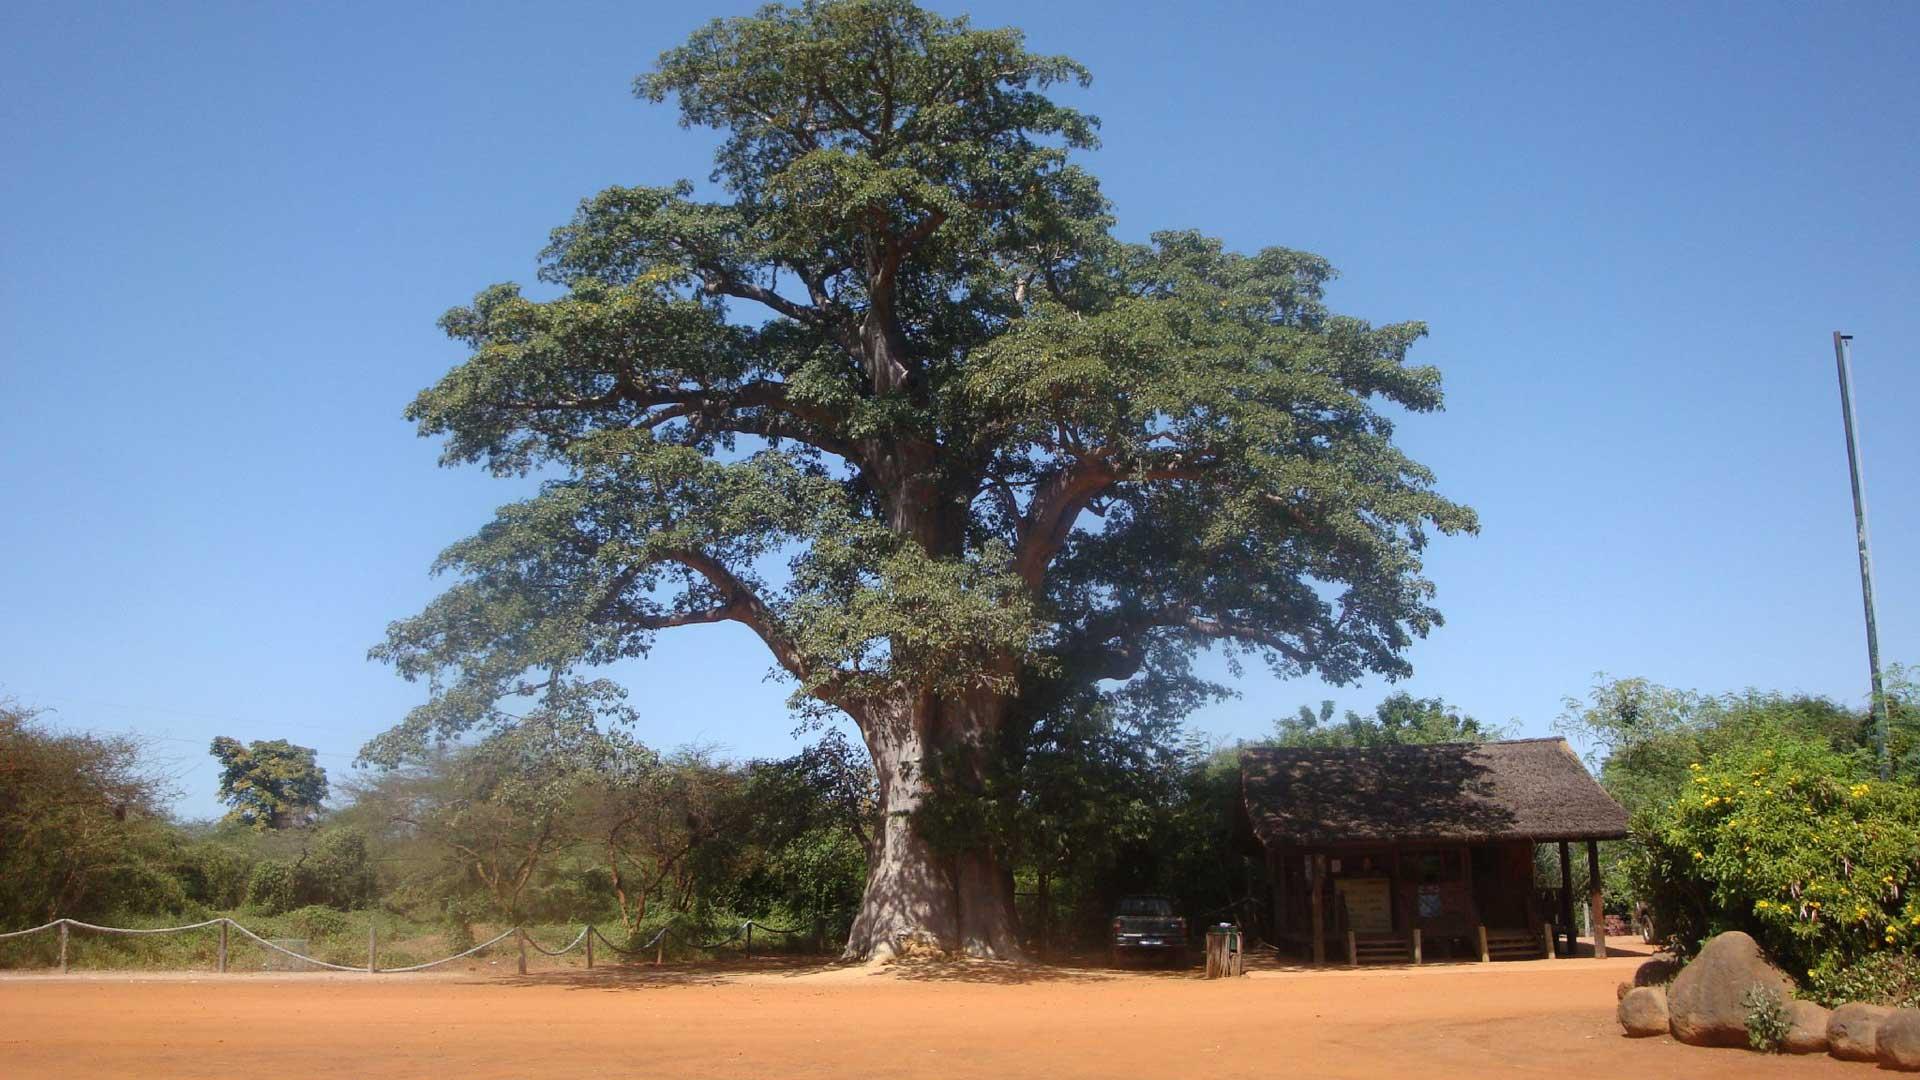 A la rencontre de tous les grands mammifères d'Afrique dans 3'500 ha de nature grandiose : baobabs géants, buissons épineux, lianes capricieuses.